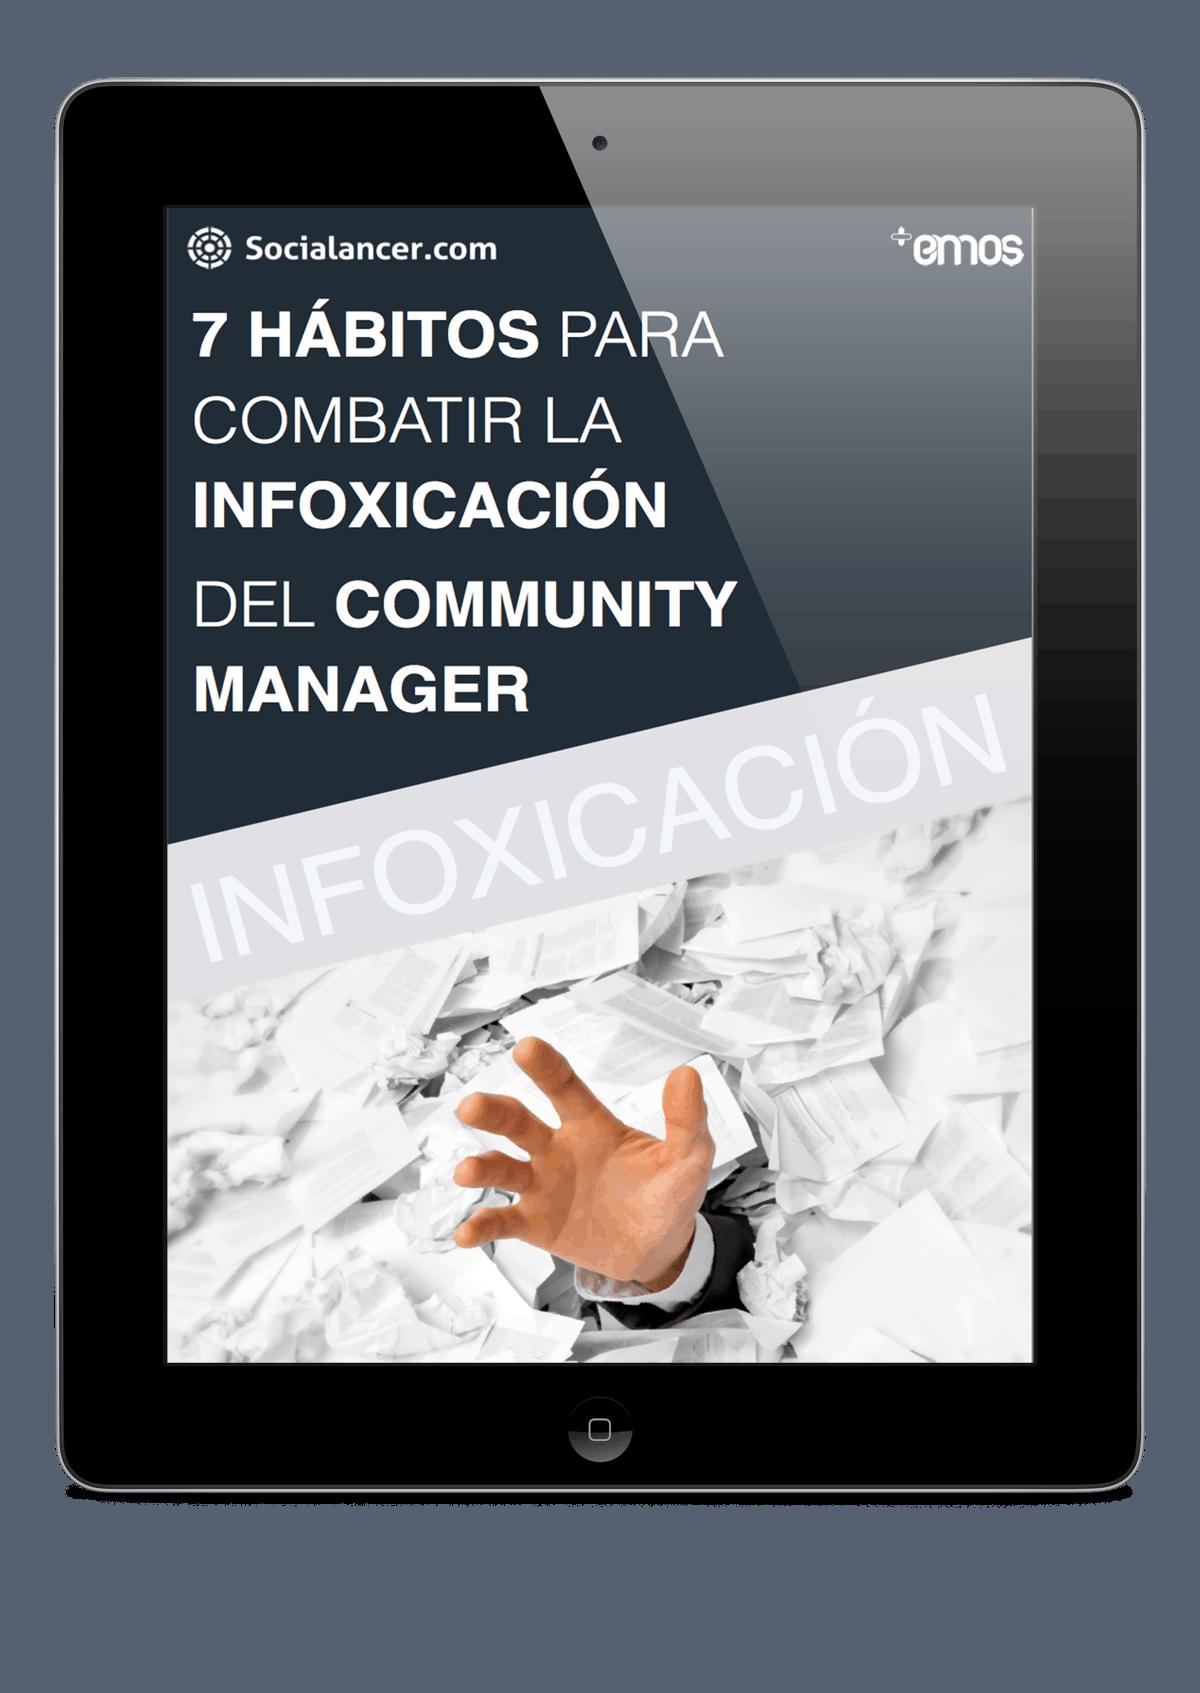 [eBook] 7 problemas y 7 soluciones para combatir la infoxicación del Community Manager